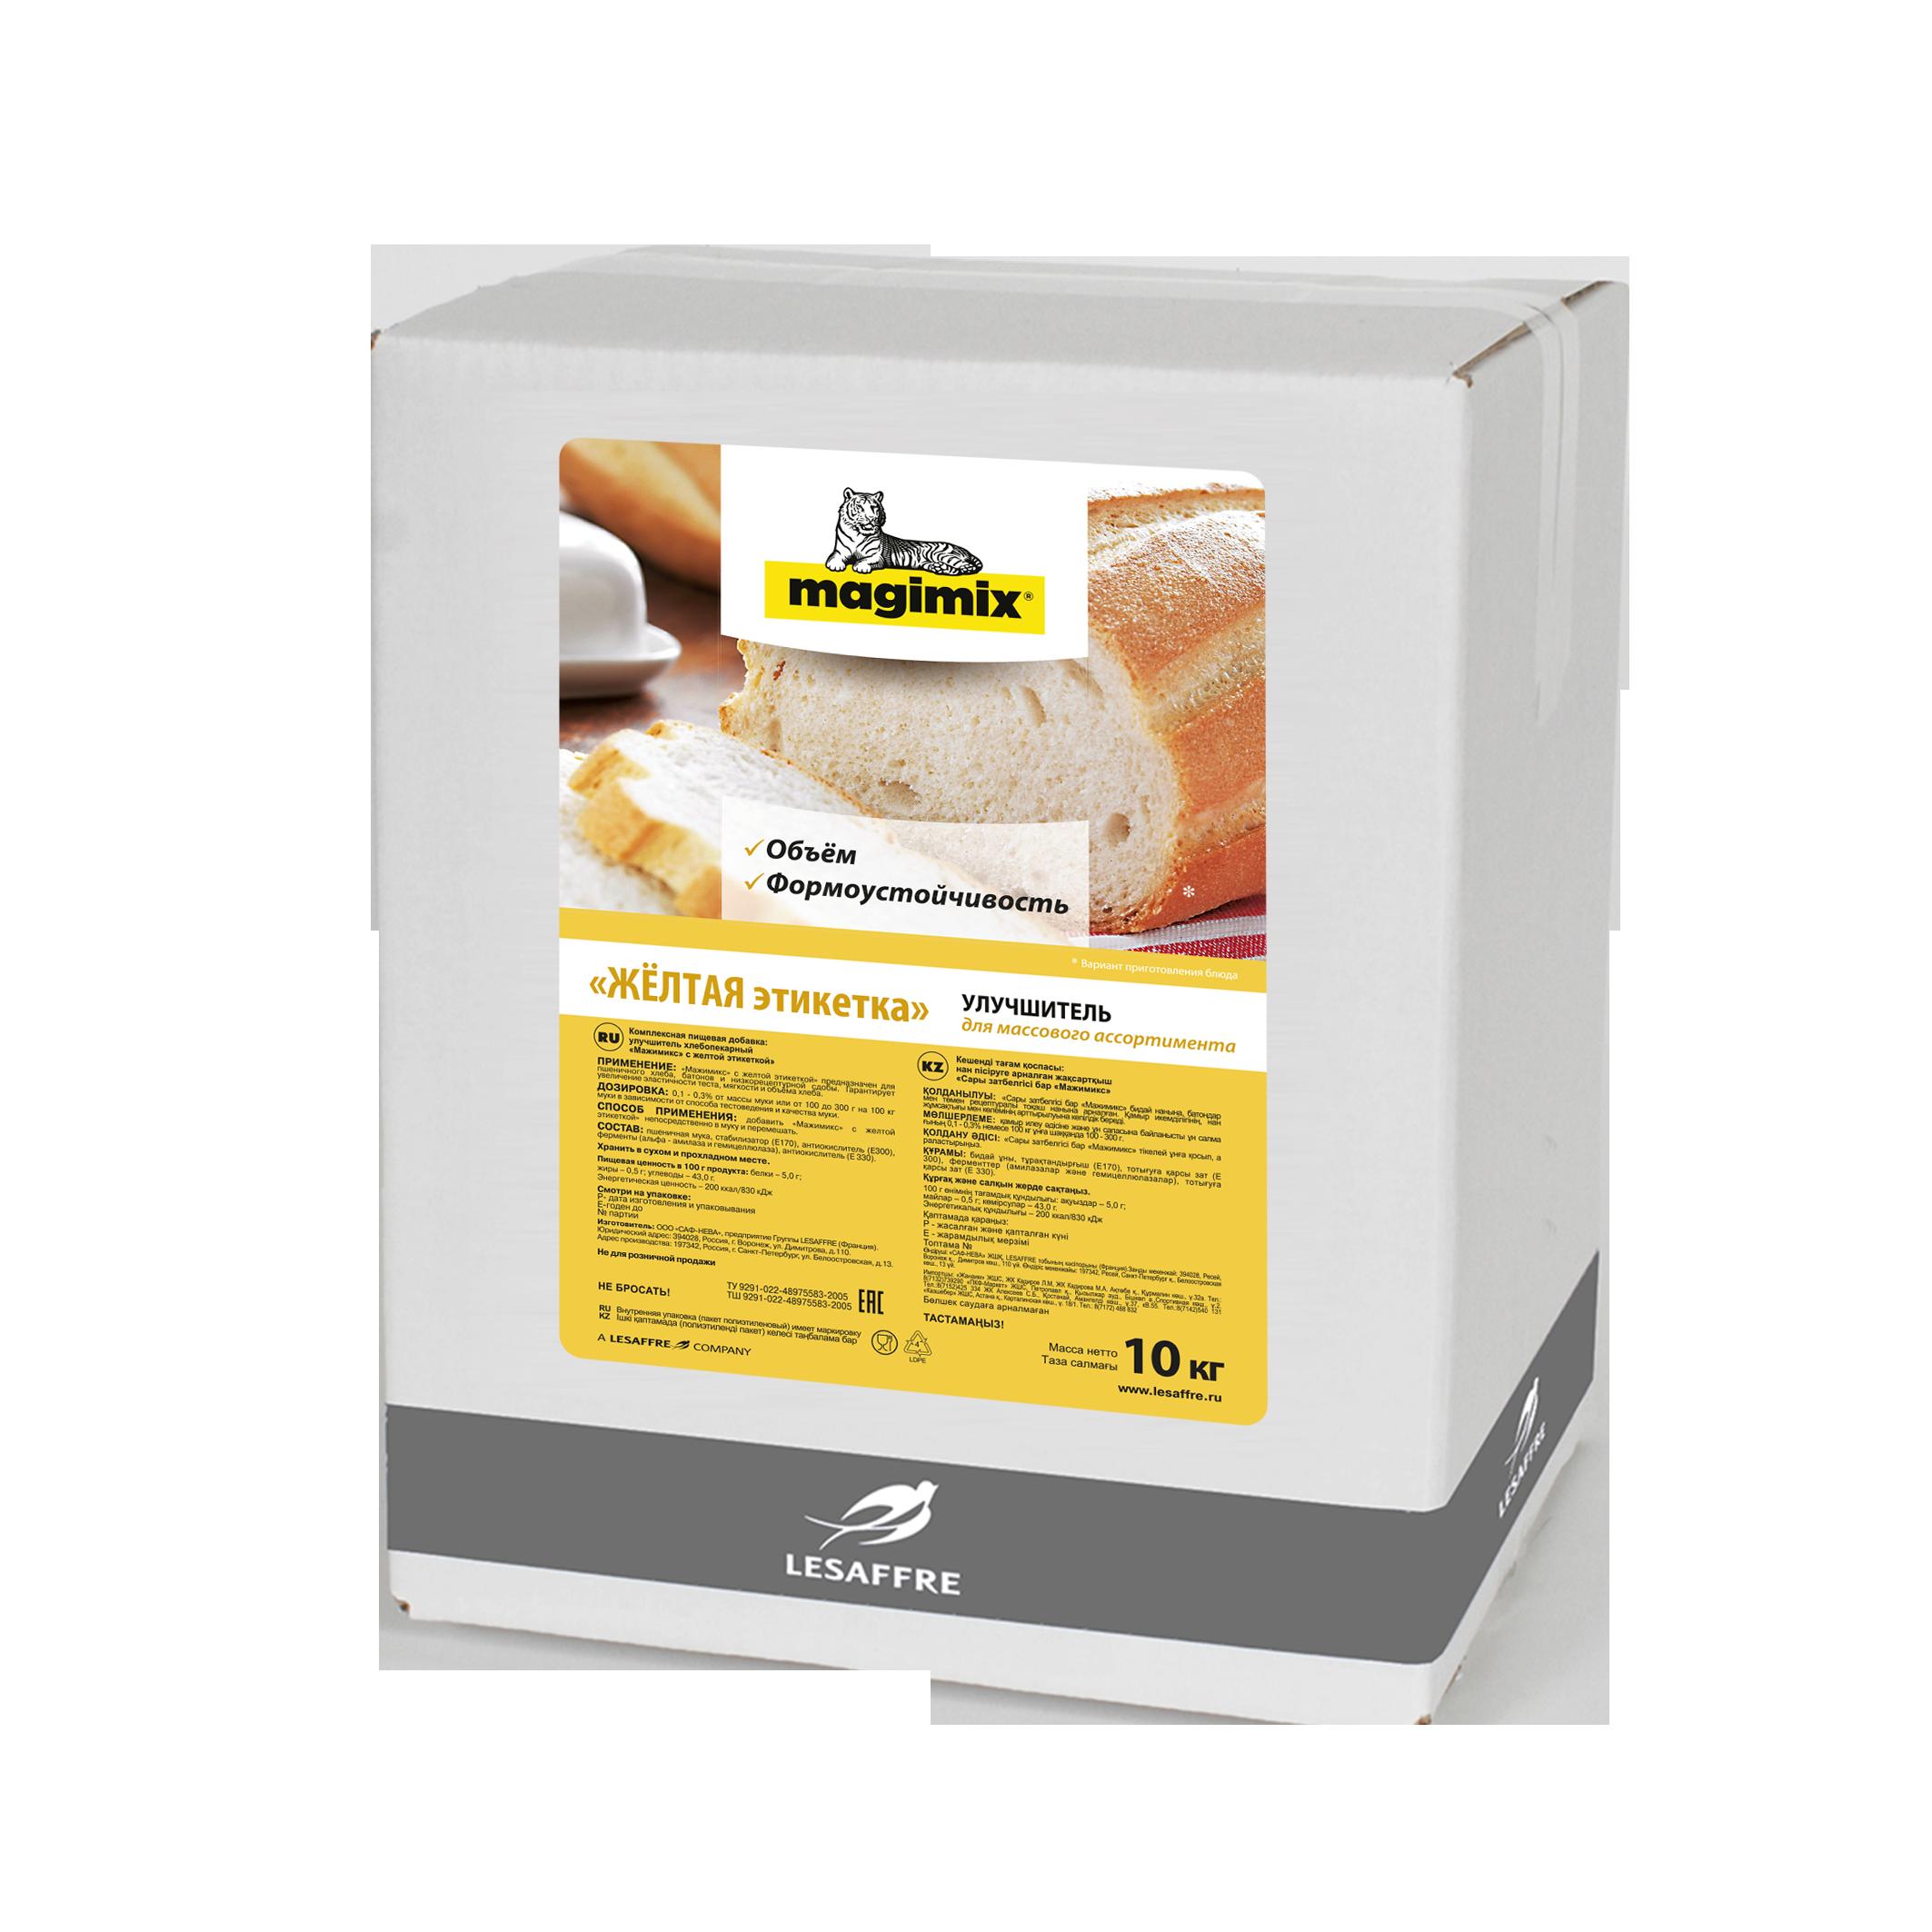 Magimix с желтой этикеткой «Объем+мягкость»